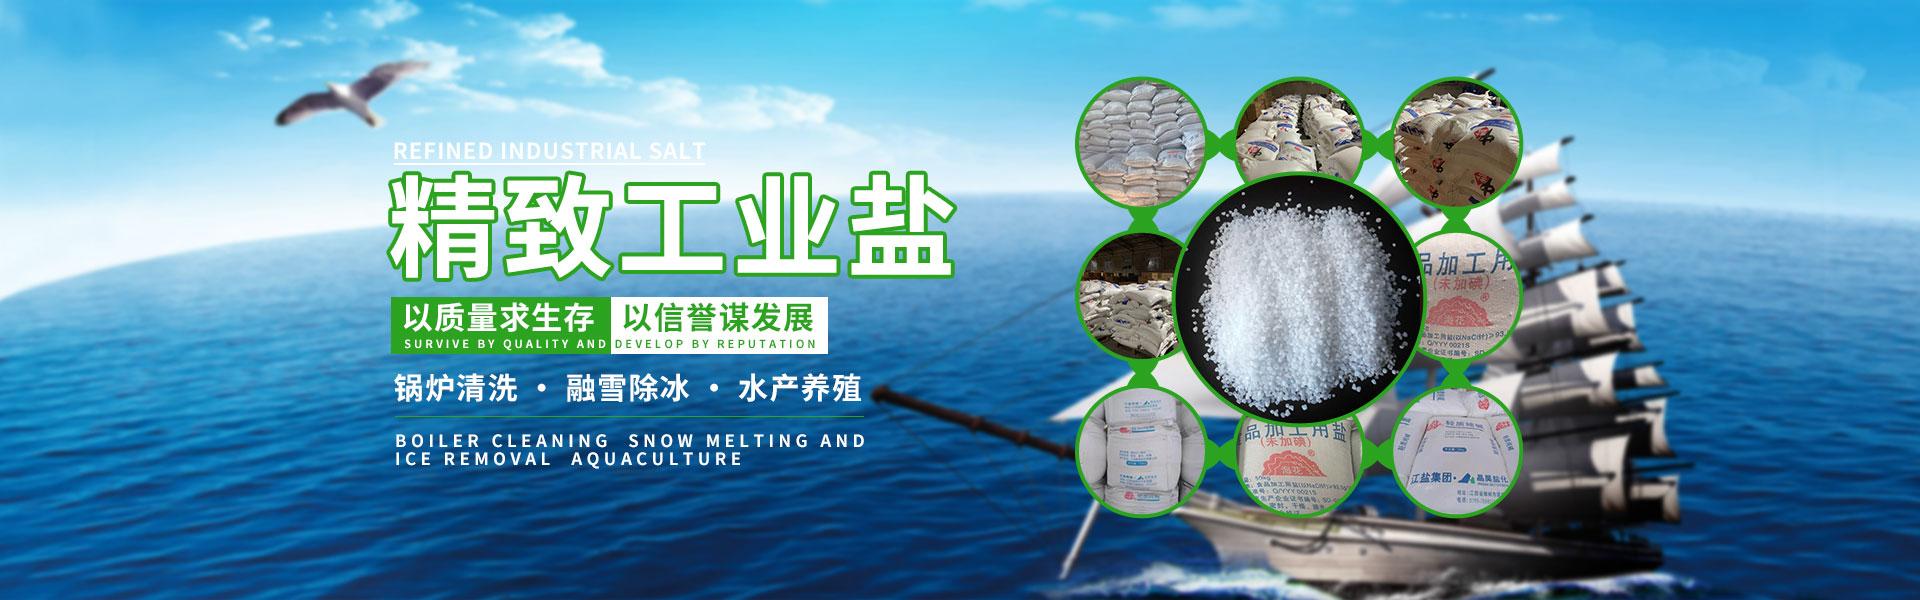 沈阳工业盐